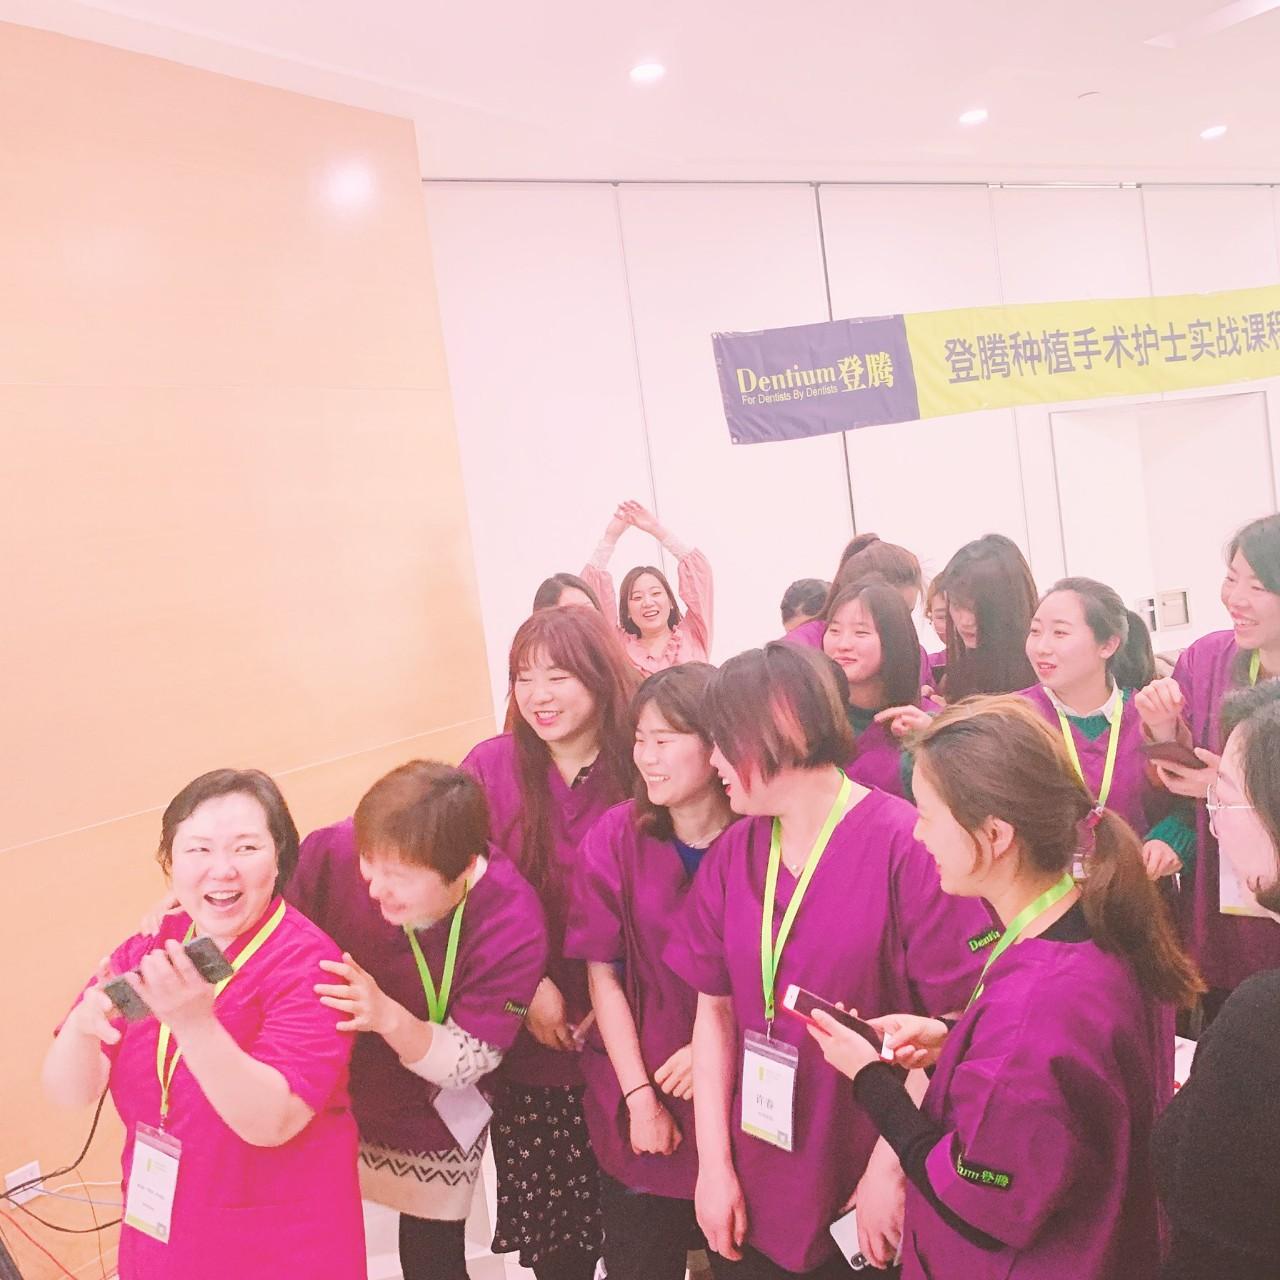 20190320_중국상해임플란트스탭세미나 15.jpg